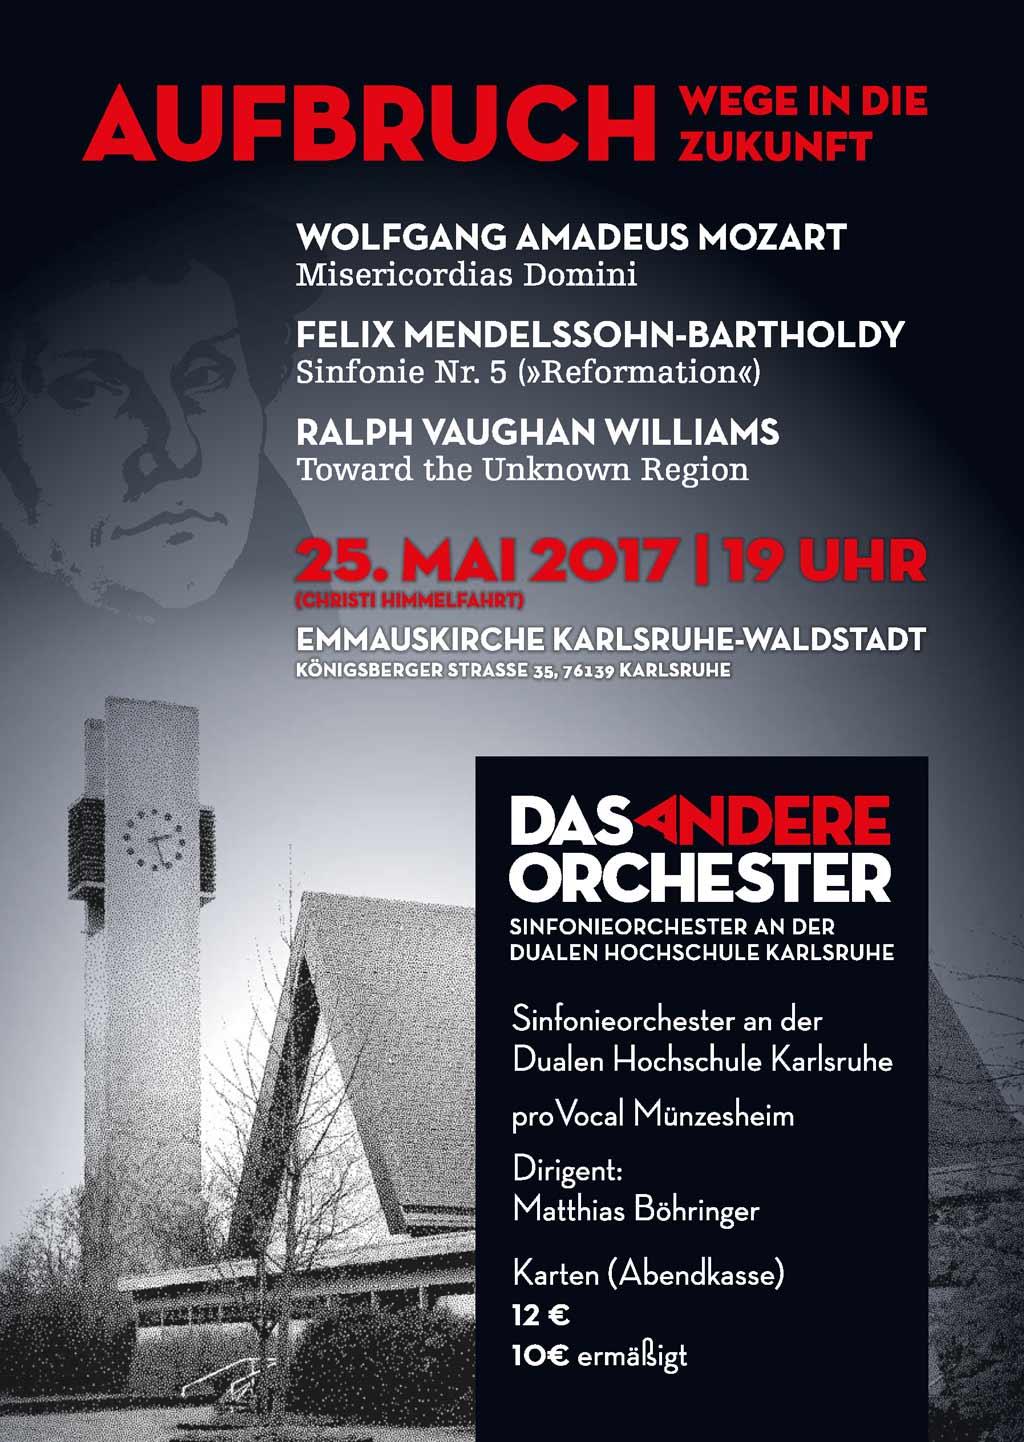 Konzert-25_05_2017_aufbruch_provocal